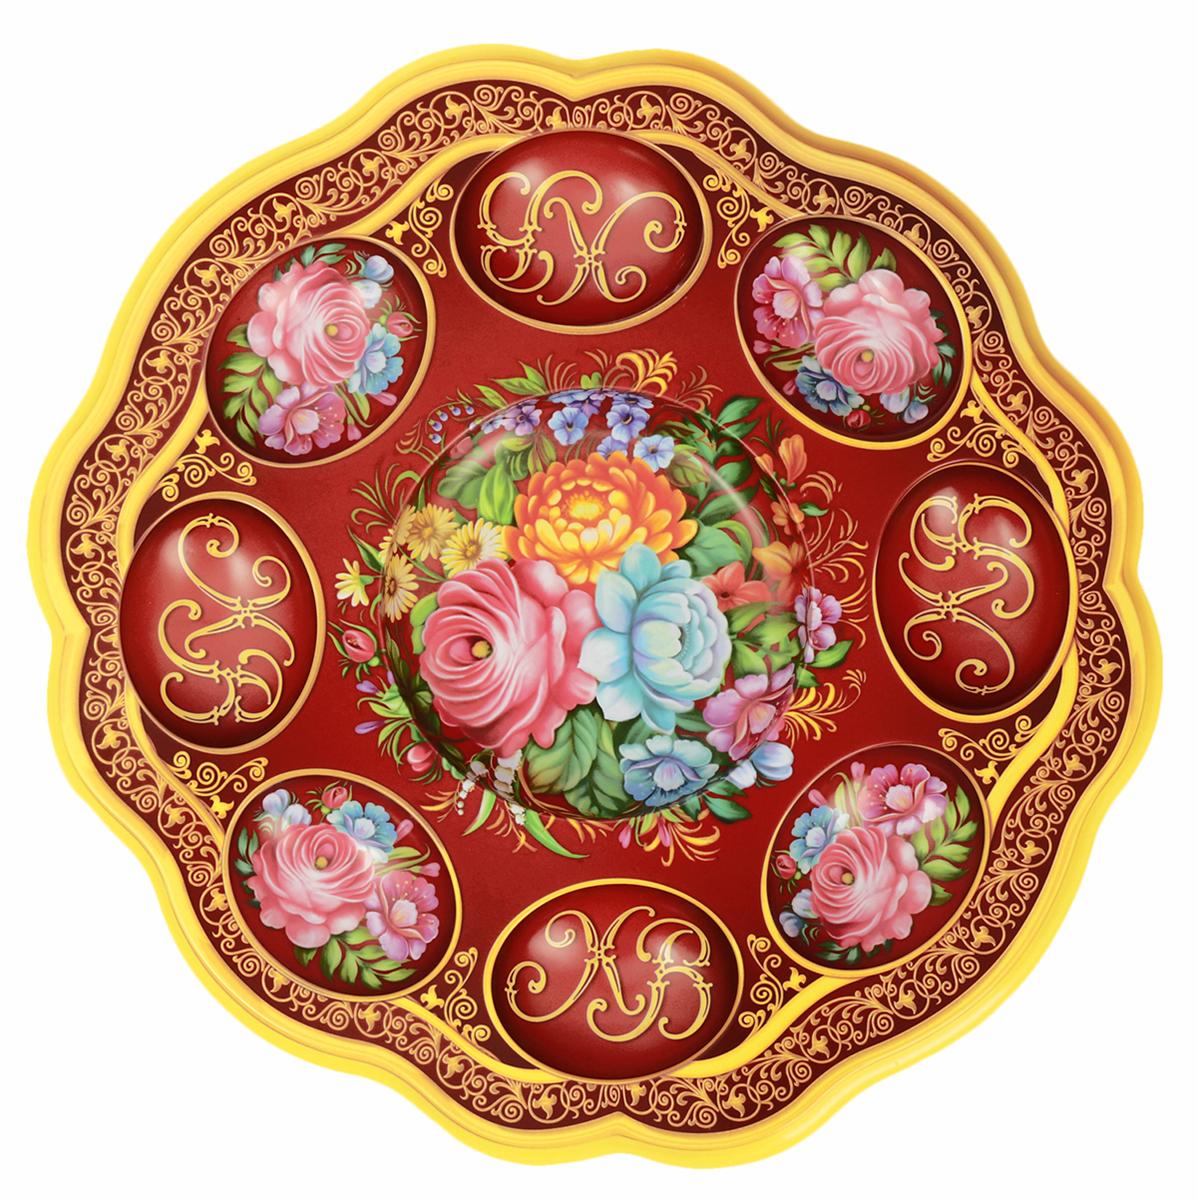 Подставка для яйца Жостово, цвет: красный, на 8 яиц и кулич, 24 х 25 см. 16538871653887Подставка изготовлена из пластика и имеет полноцветное яркое изображение. Аксессуар станет достойным украшением праздничного стола, создаст радостное настроение и наполнит пространство дома благостной энергией на год вперёд.Изделие также будет хорошим подарком друзьям и коллегам.